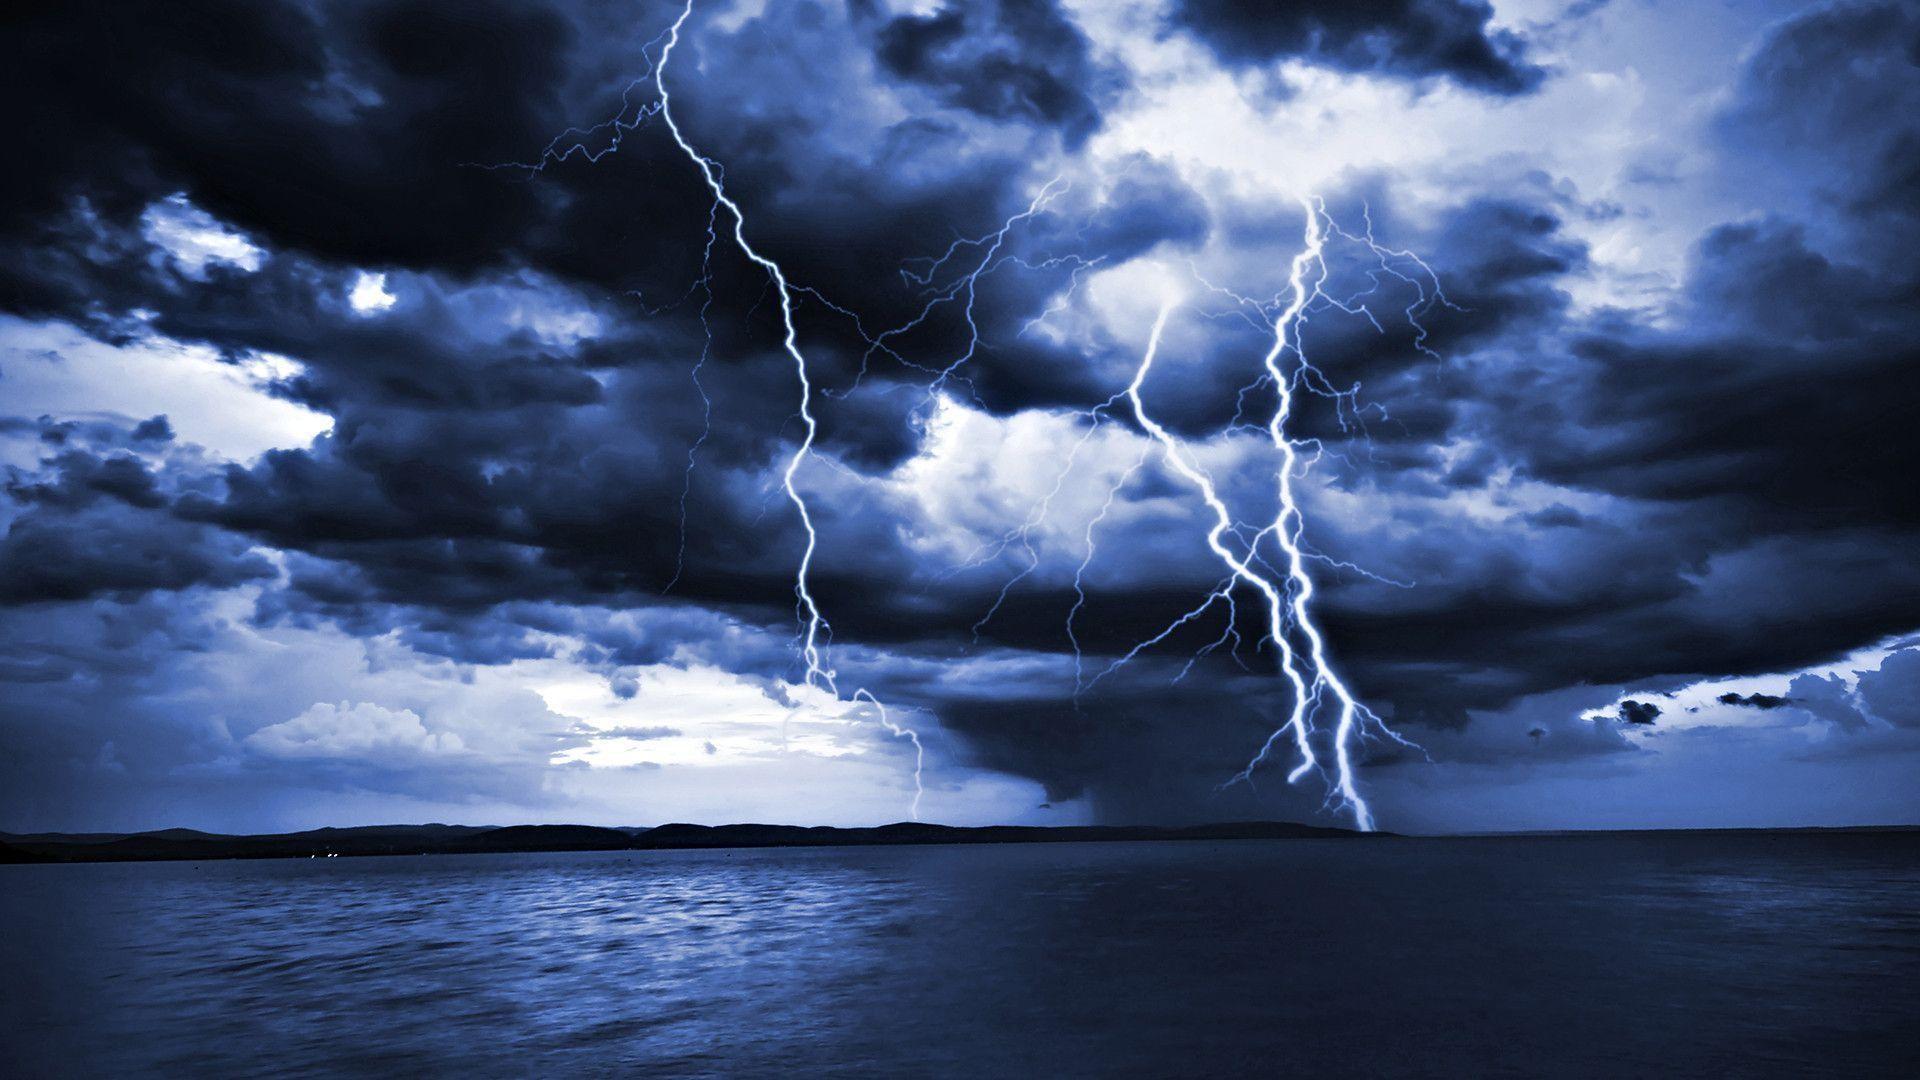 Lightning Wallpaper HD 1